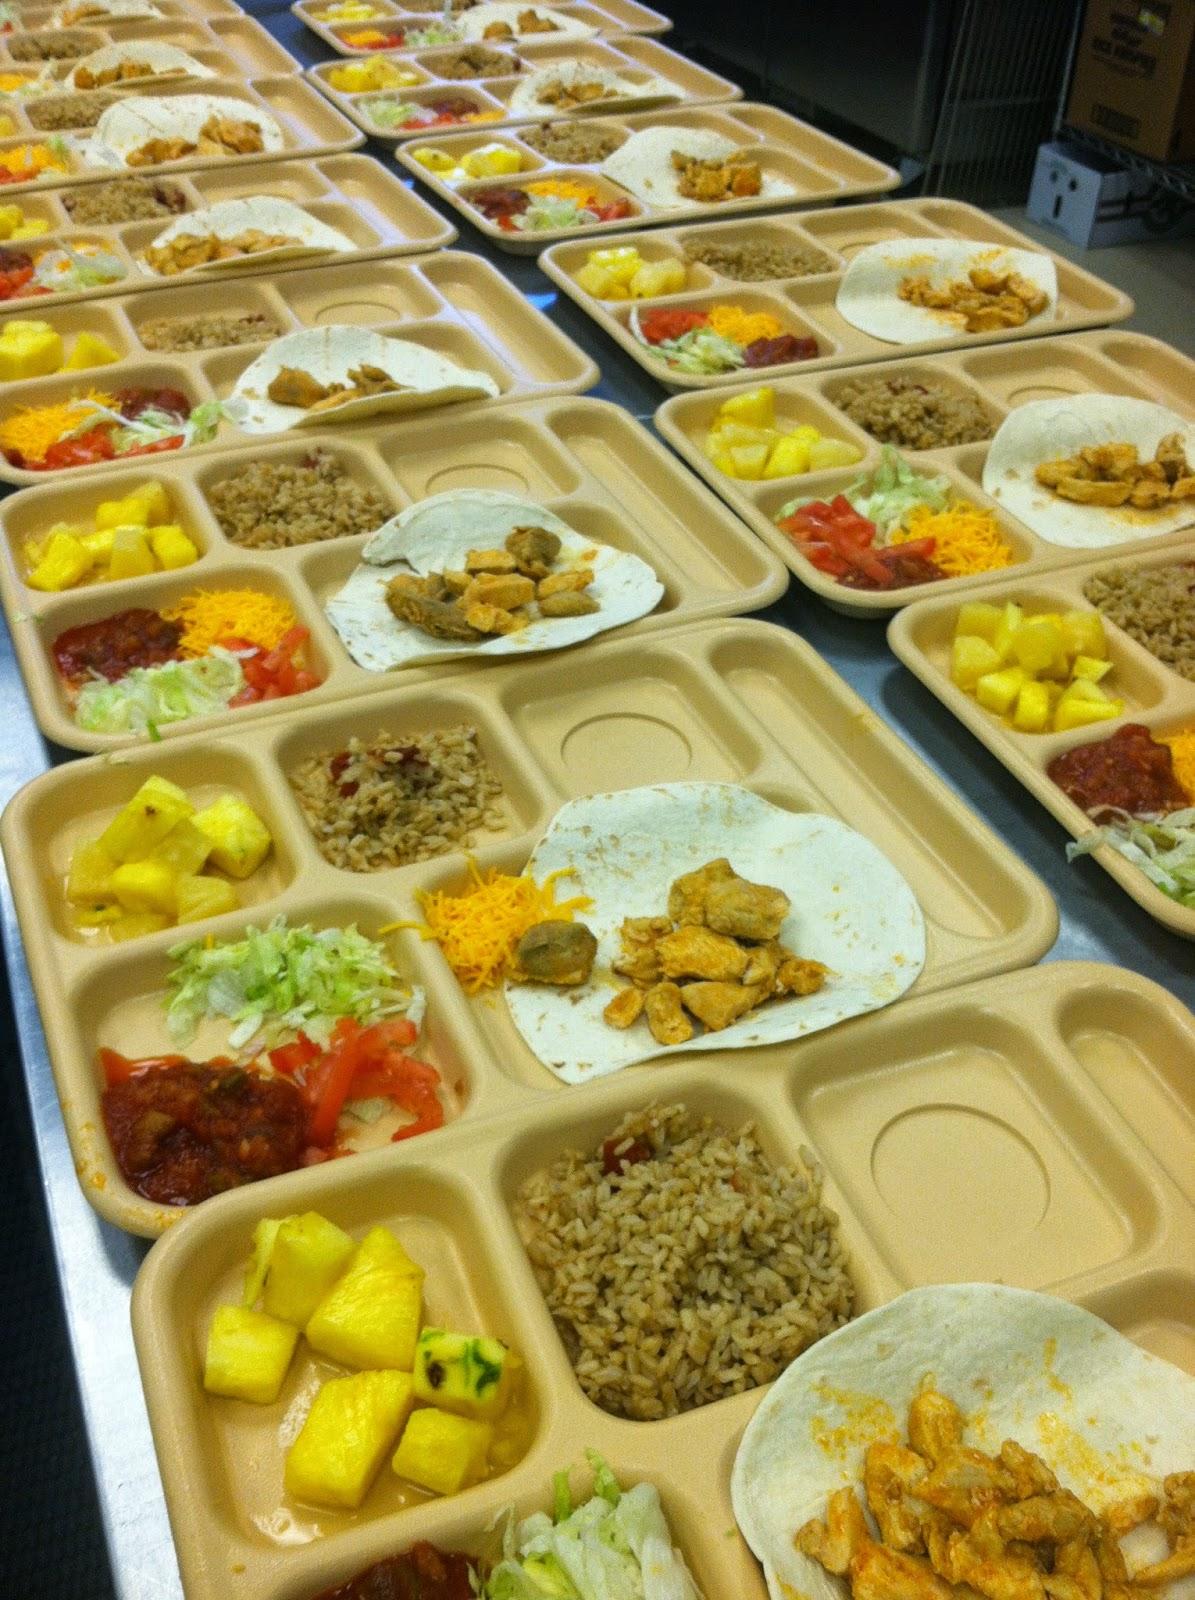 500+ School Lunch Ideas